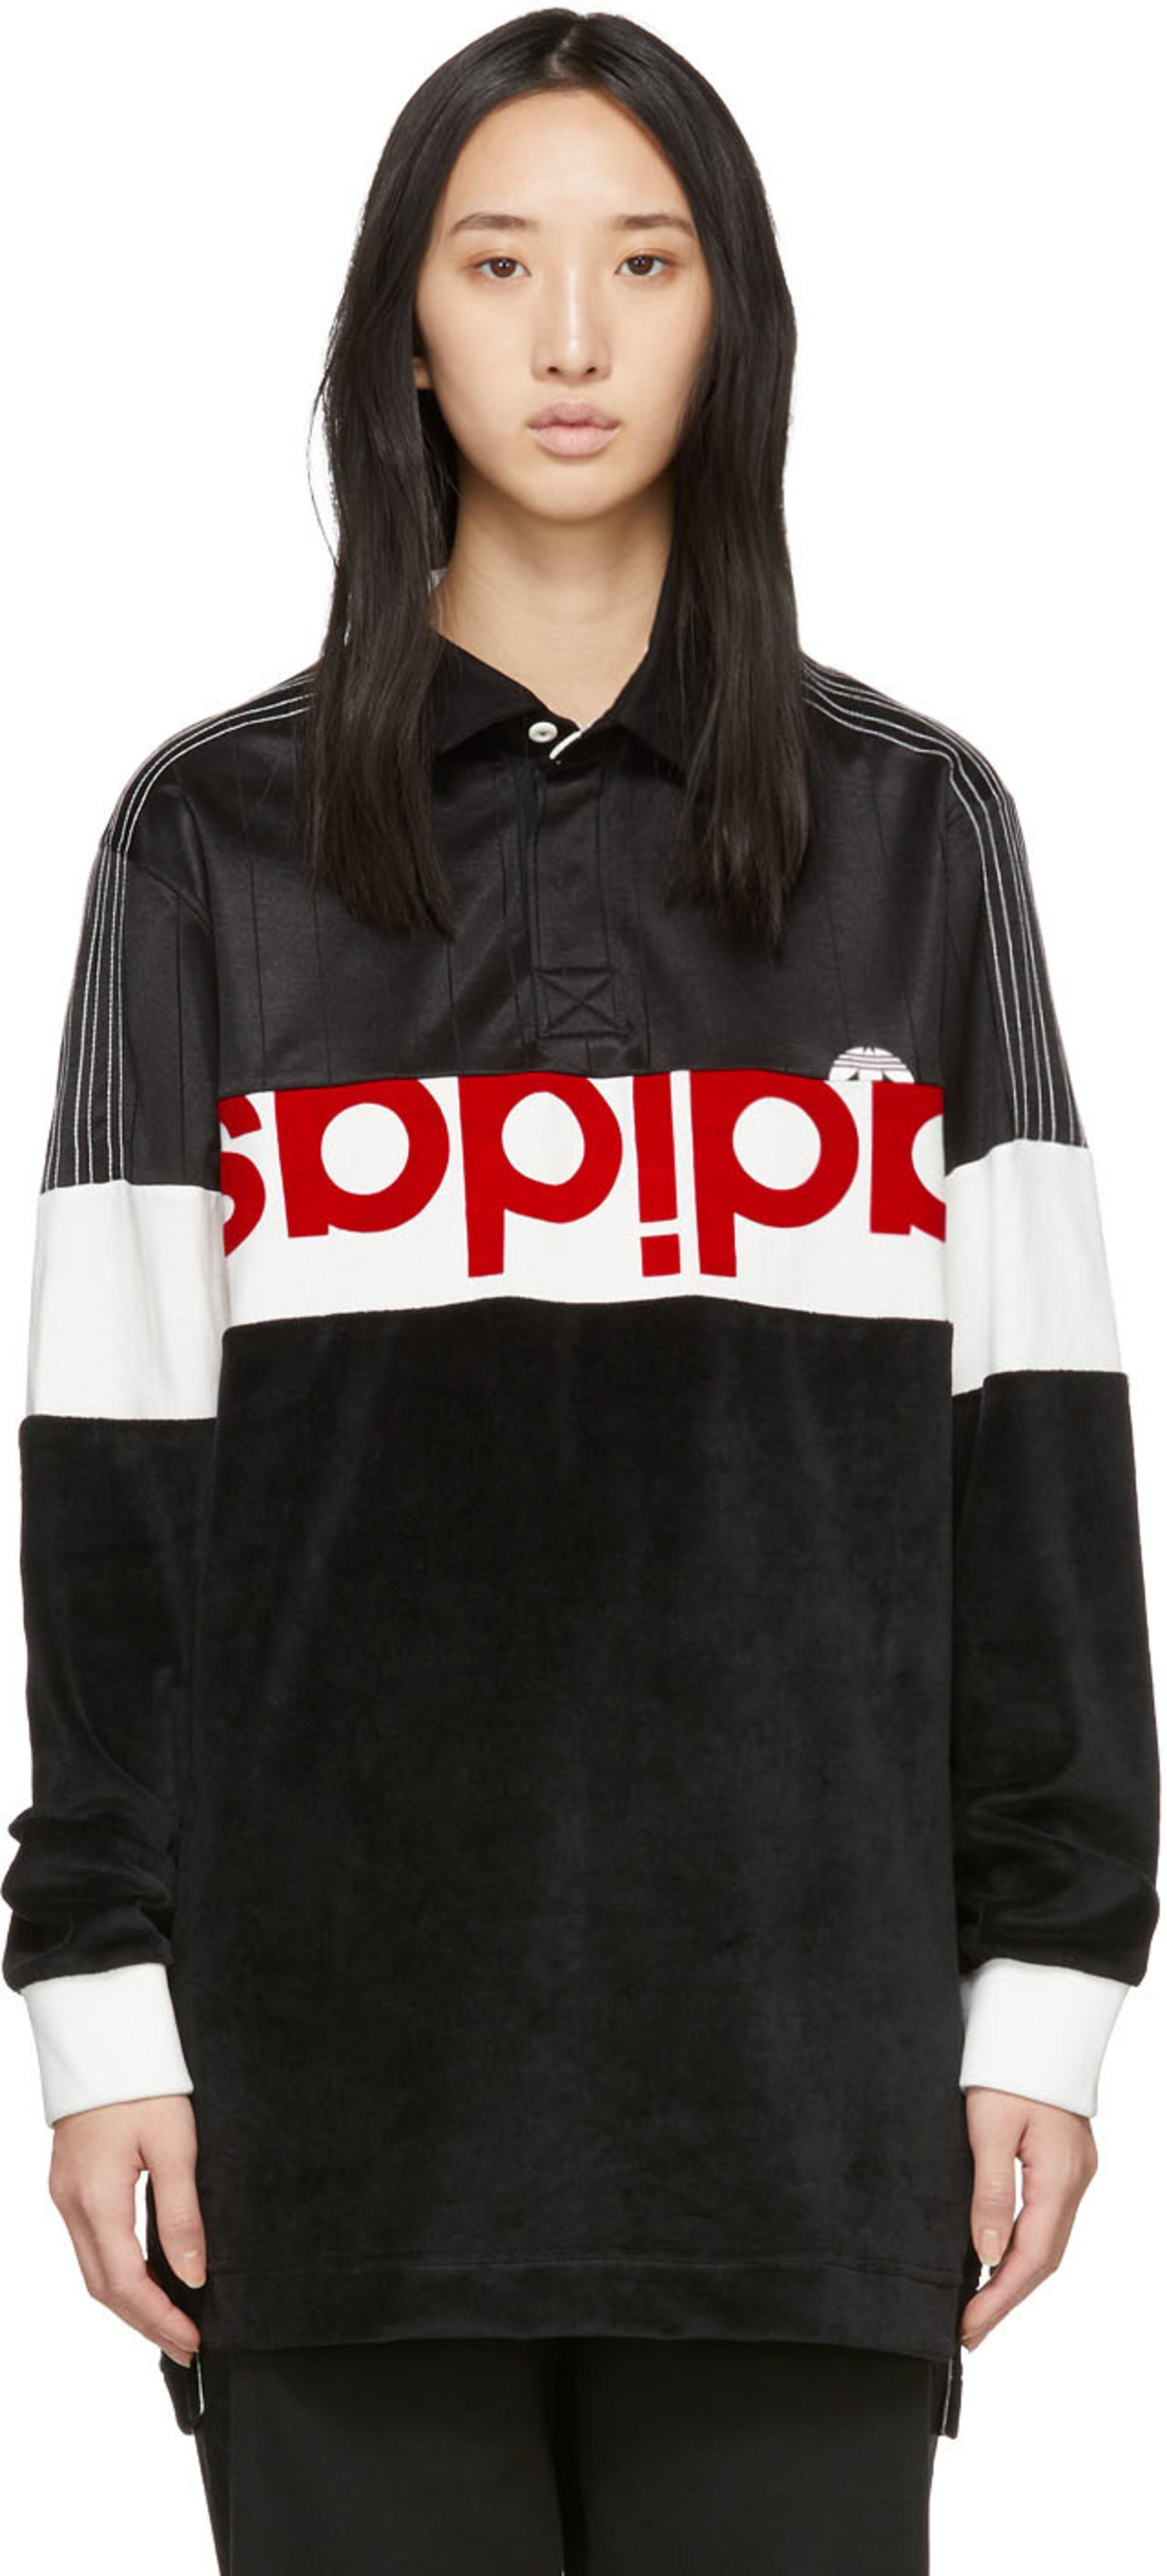 c40a8fd08d0 Adidas Originals By Alexander Wang for Women SS19 Collection ...